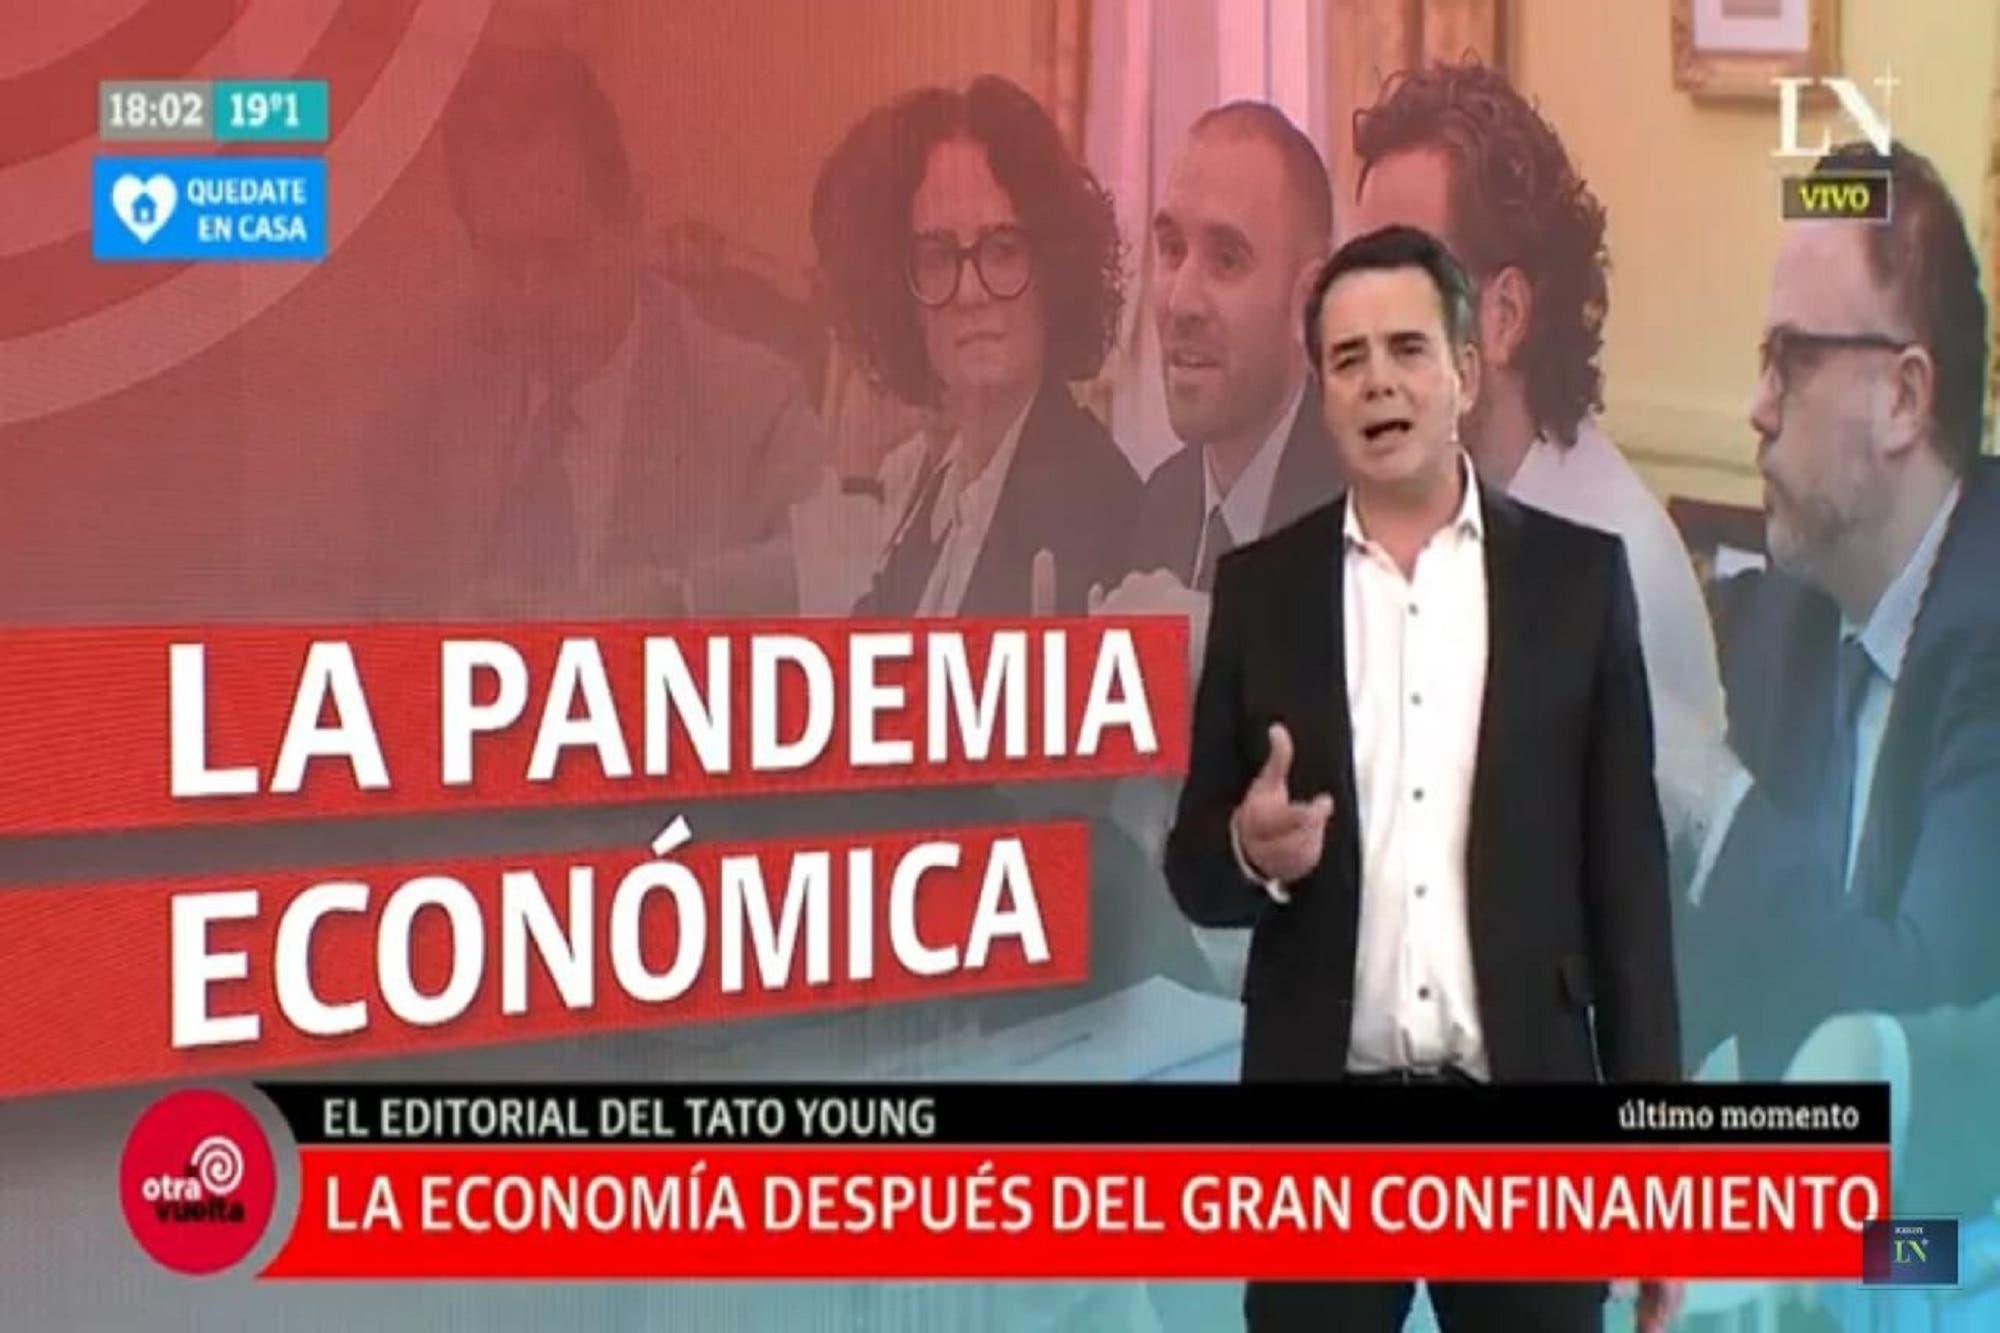 La pandemia económica